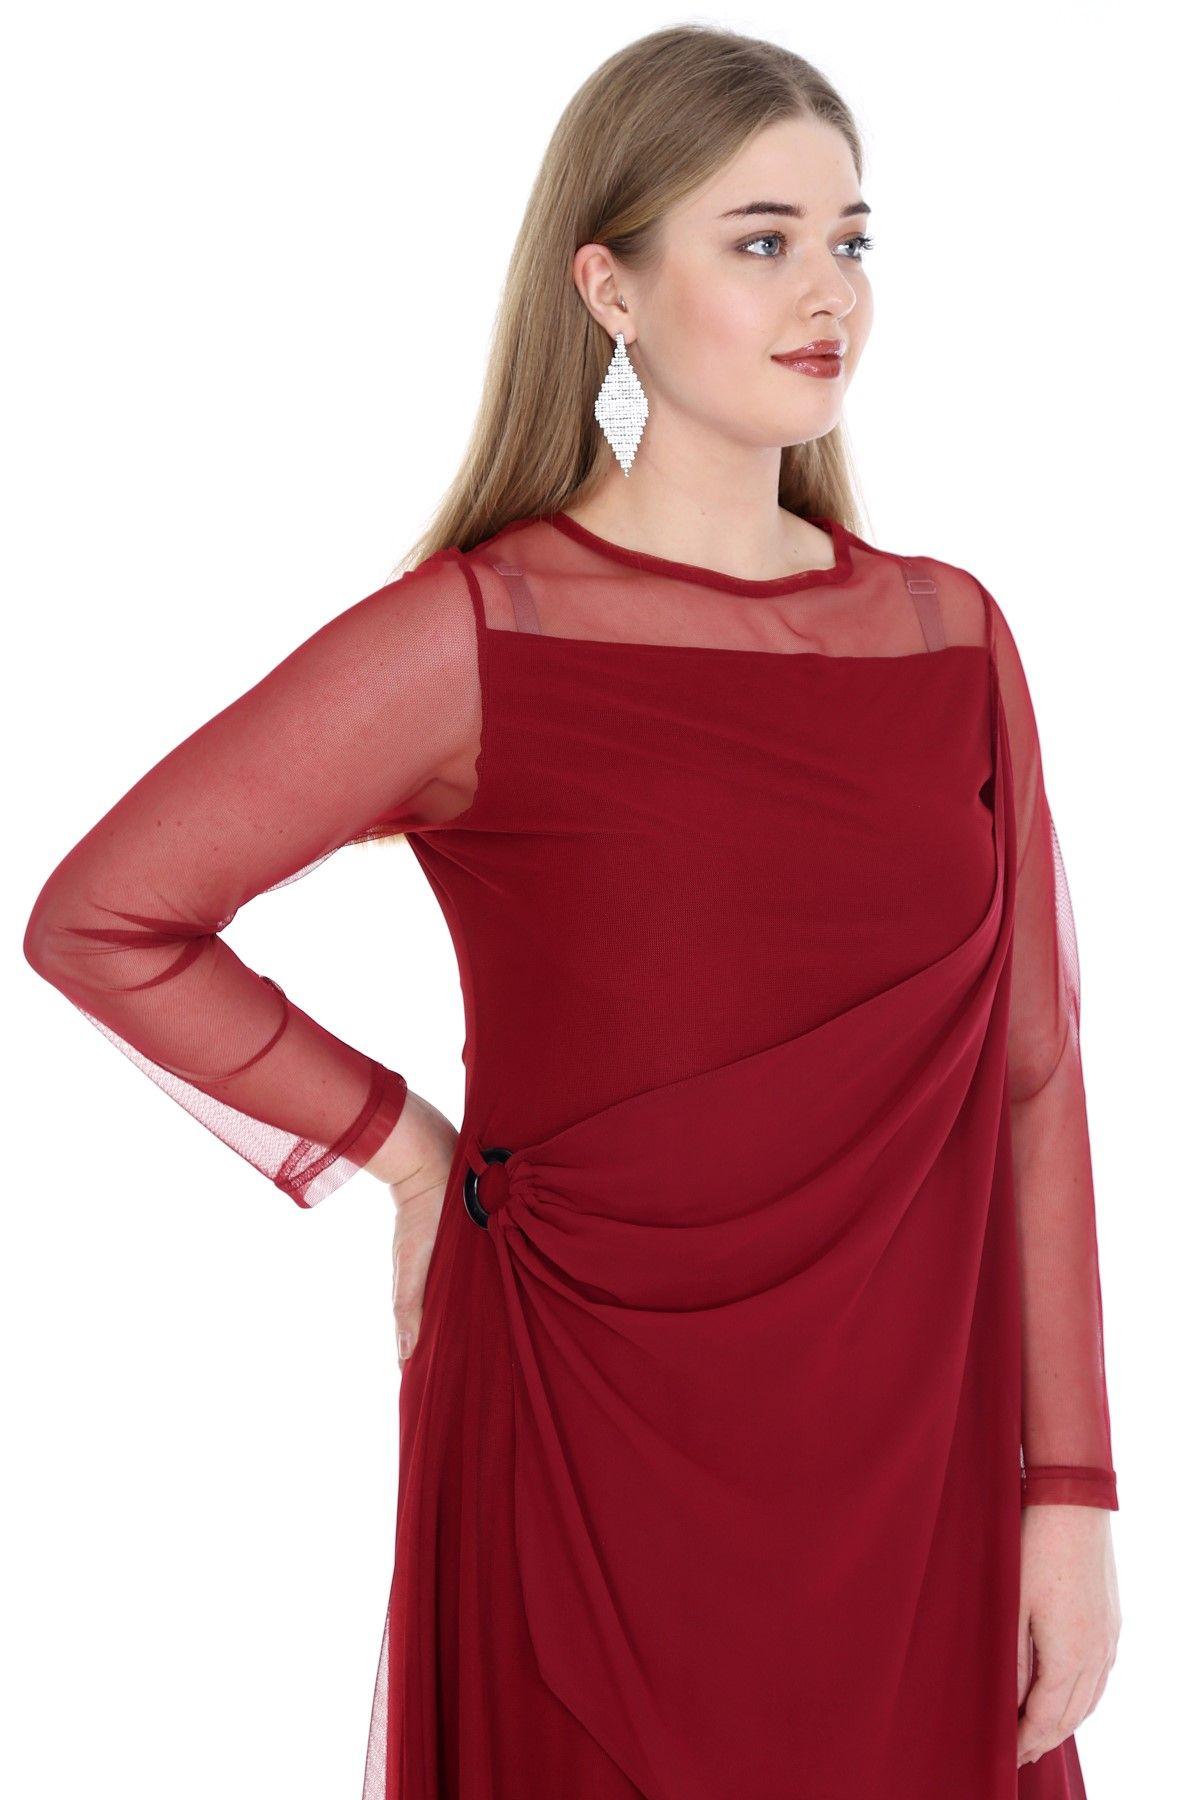 Tunics-Claret Red